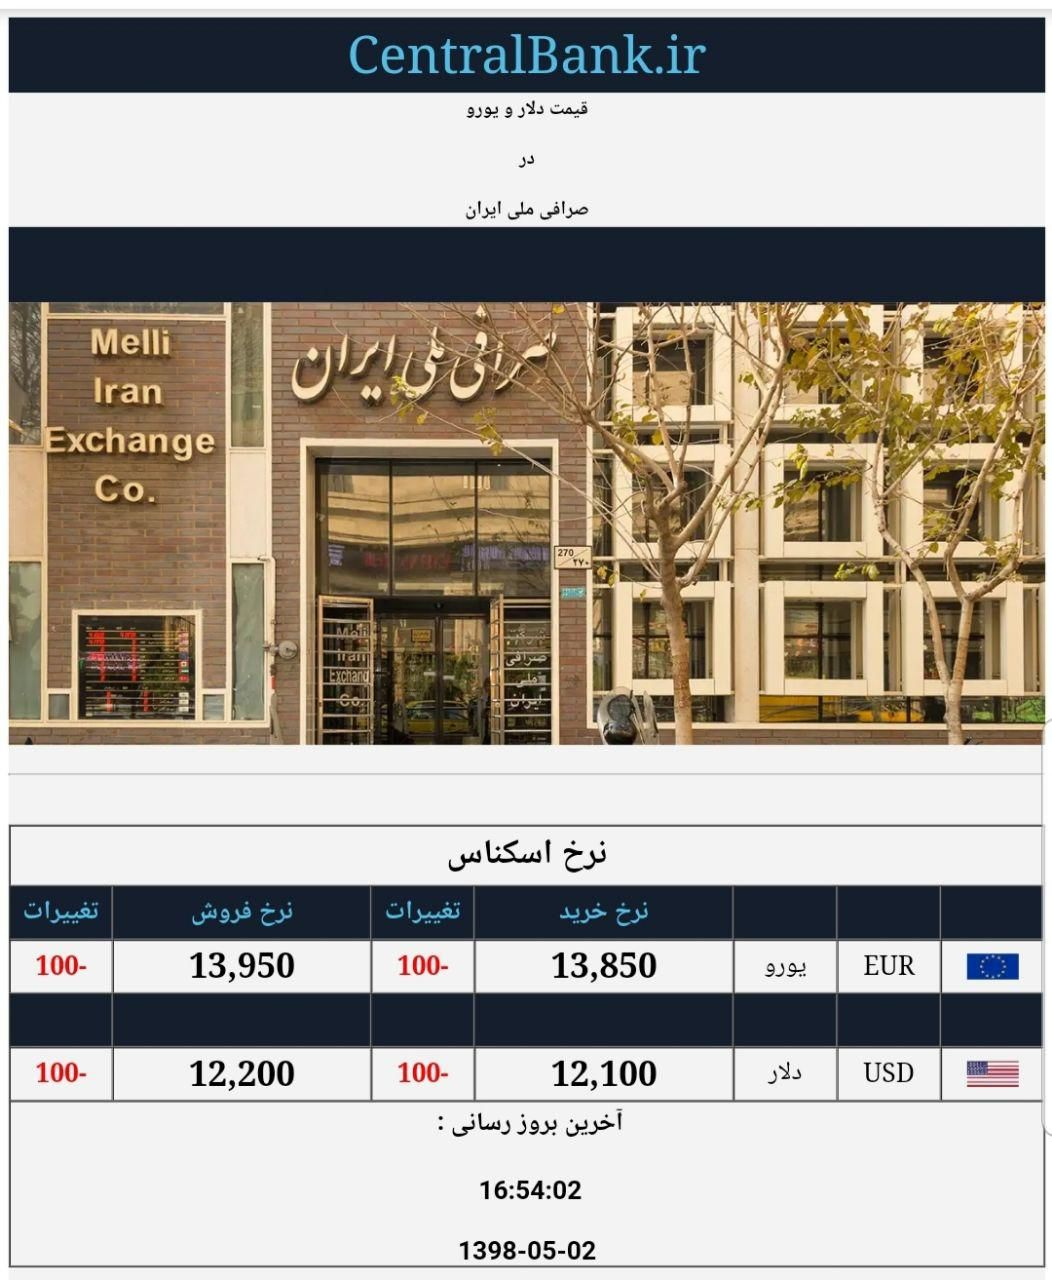 قیمت دلار و یورو در صرافی ملی امروز ۱۳۹۸/۰۵/۰۲| دلار در آستانه سقوط به کانال ۱۱ هزارتومان